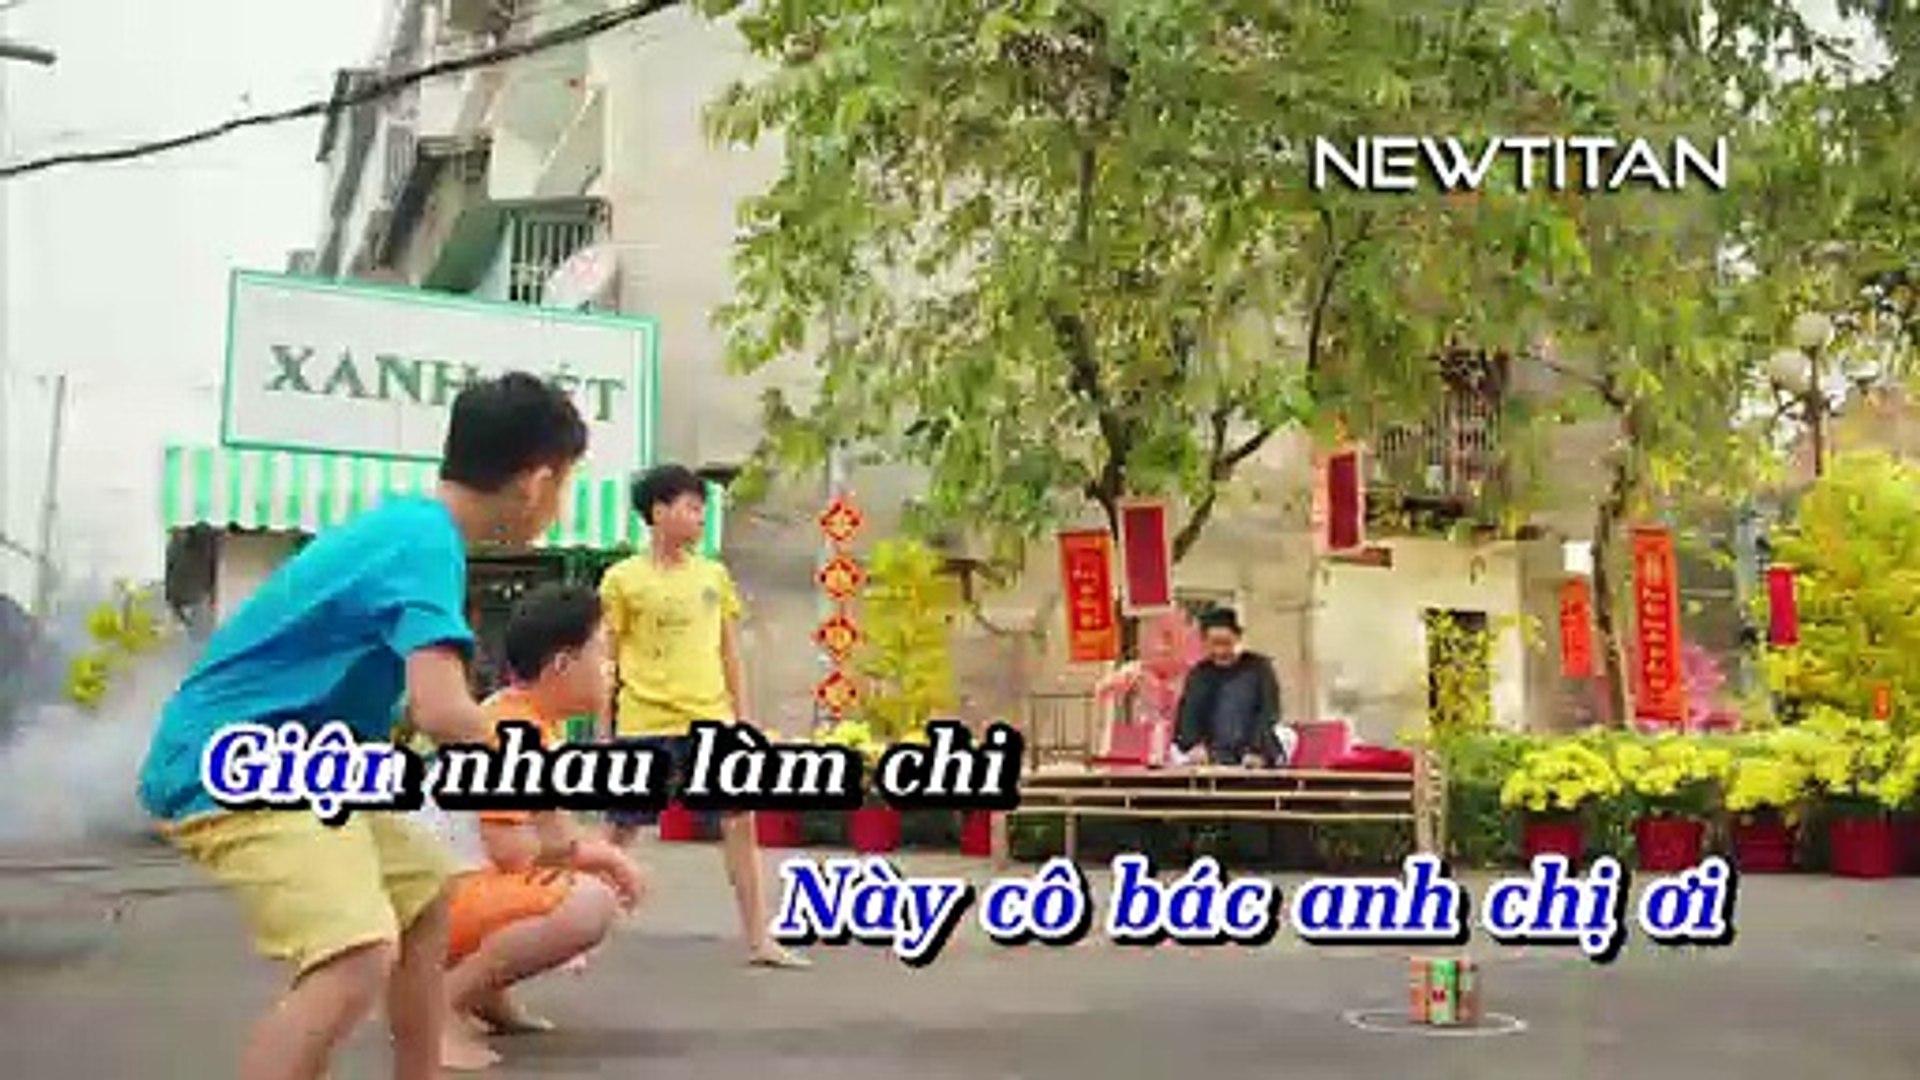 [Karaoke] Aiii Chuyện Cũ Bán Hông? - Trúc Nhân [Beat]